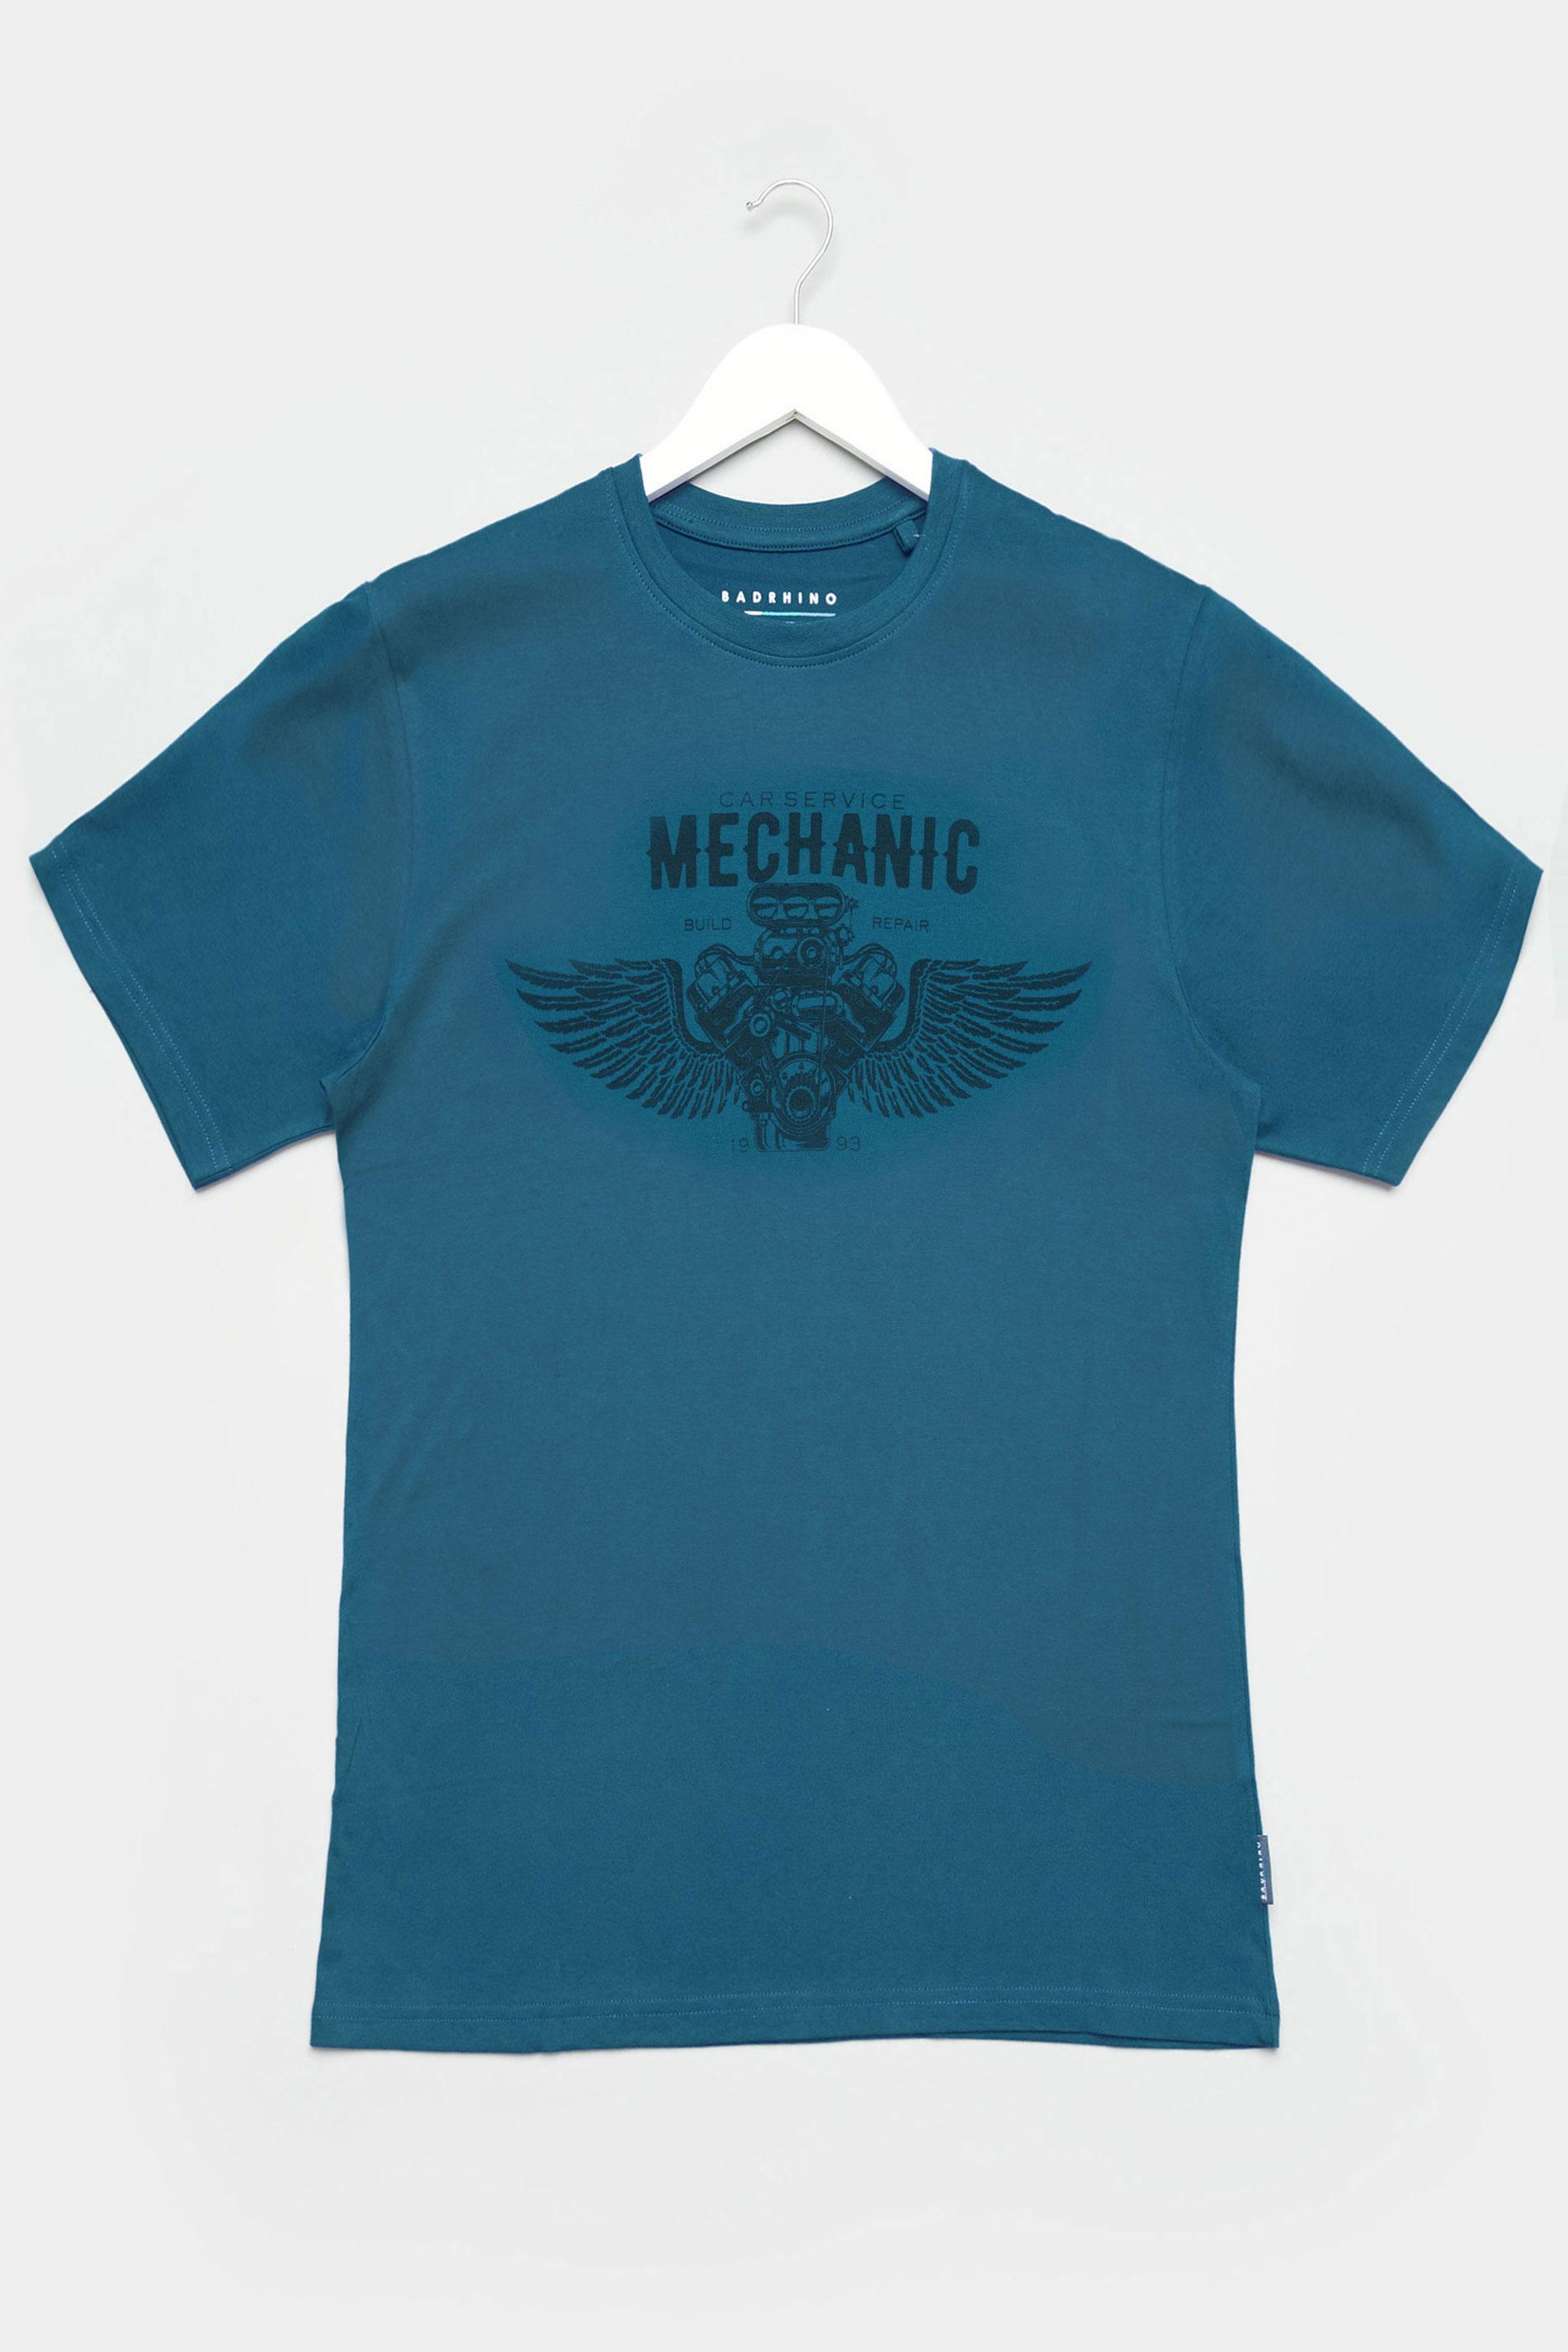 BadRhino Ocean Blue Mechanic Graphic Print T-Shirt